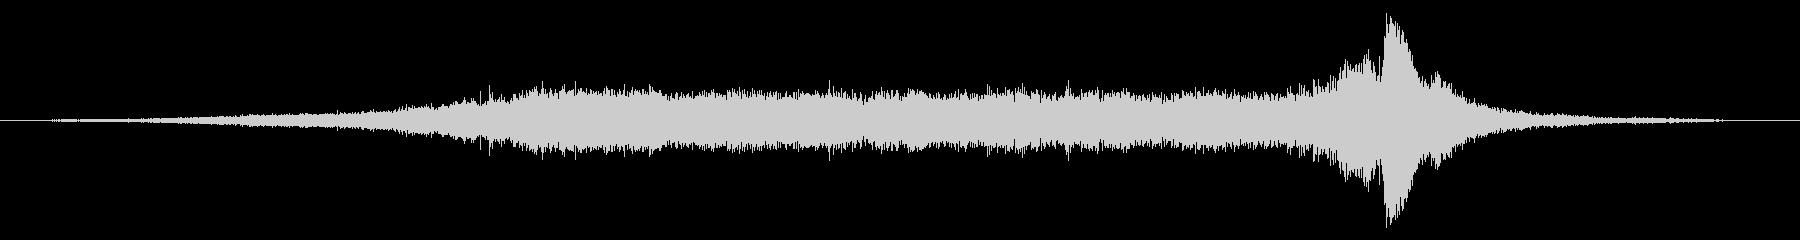 1984シボレーカメロZ-28:E...の未再生の波形